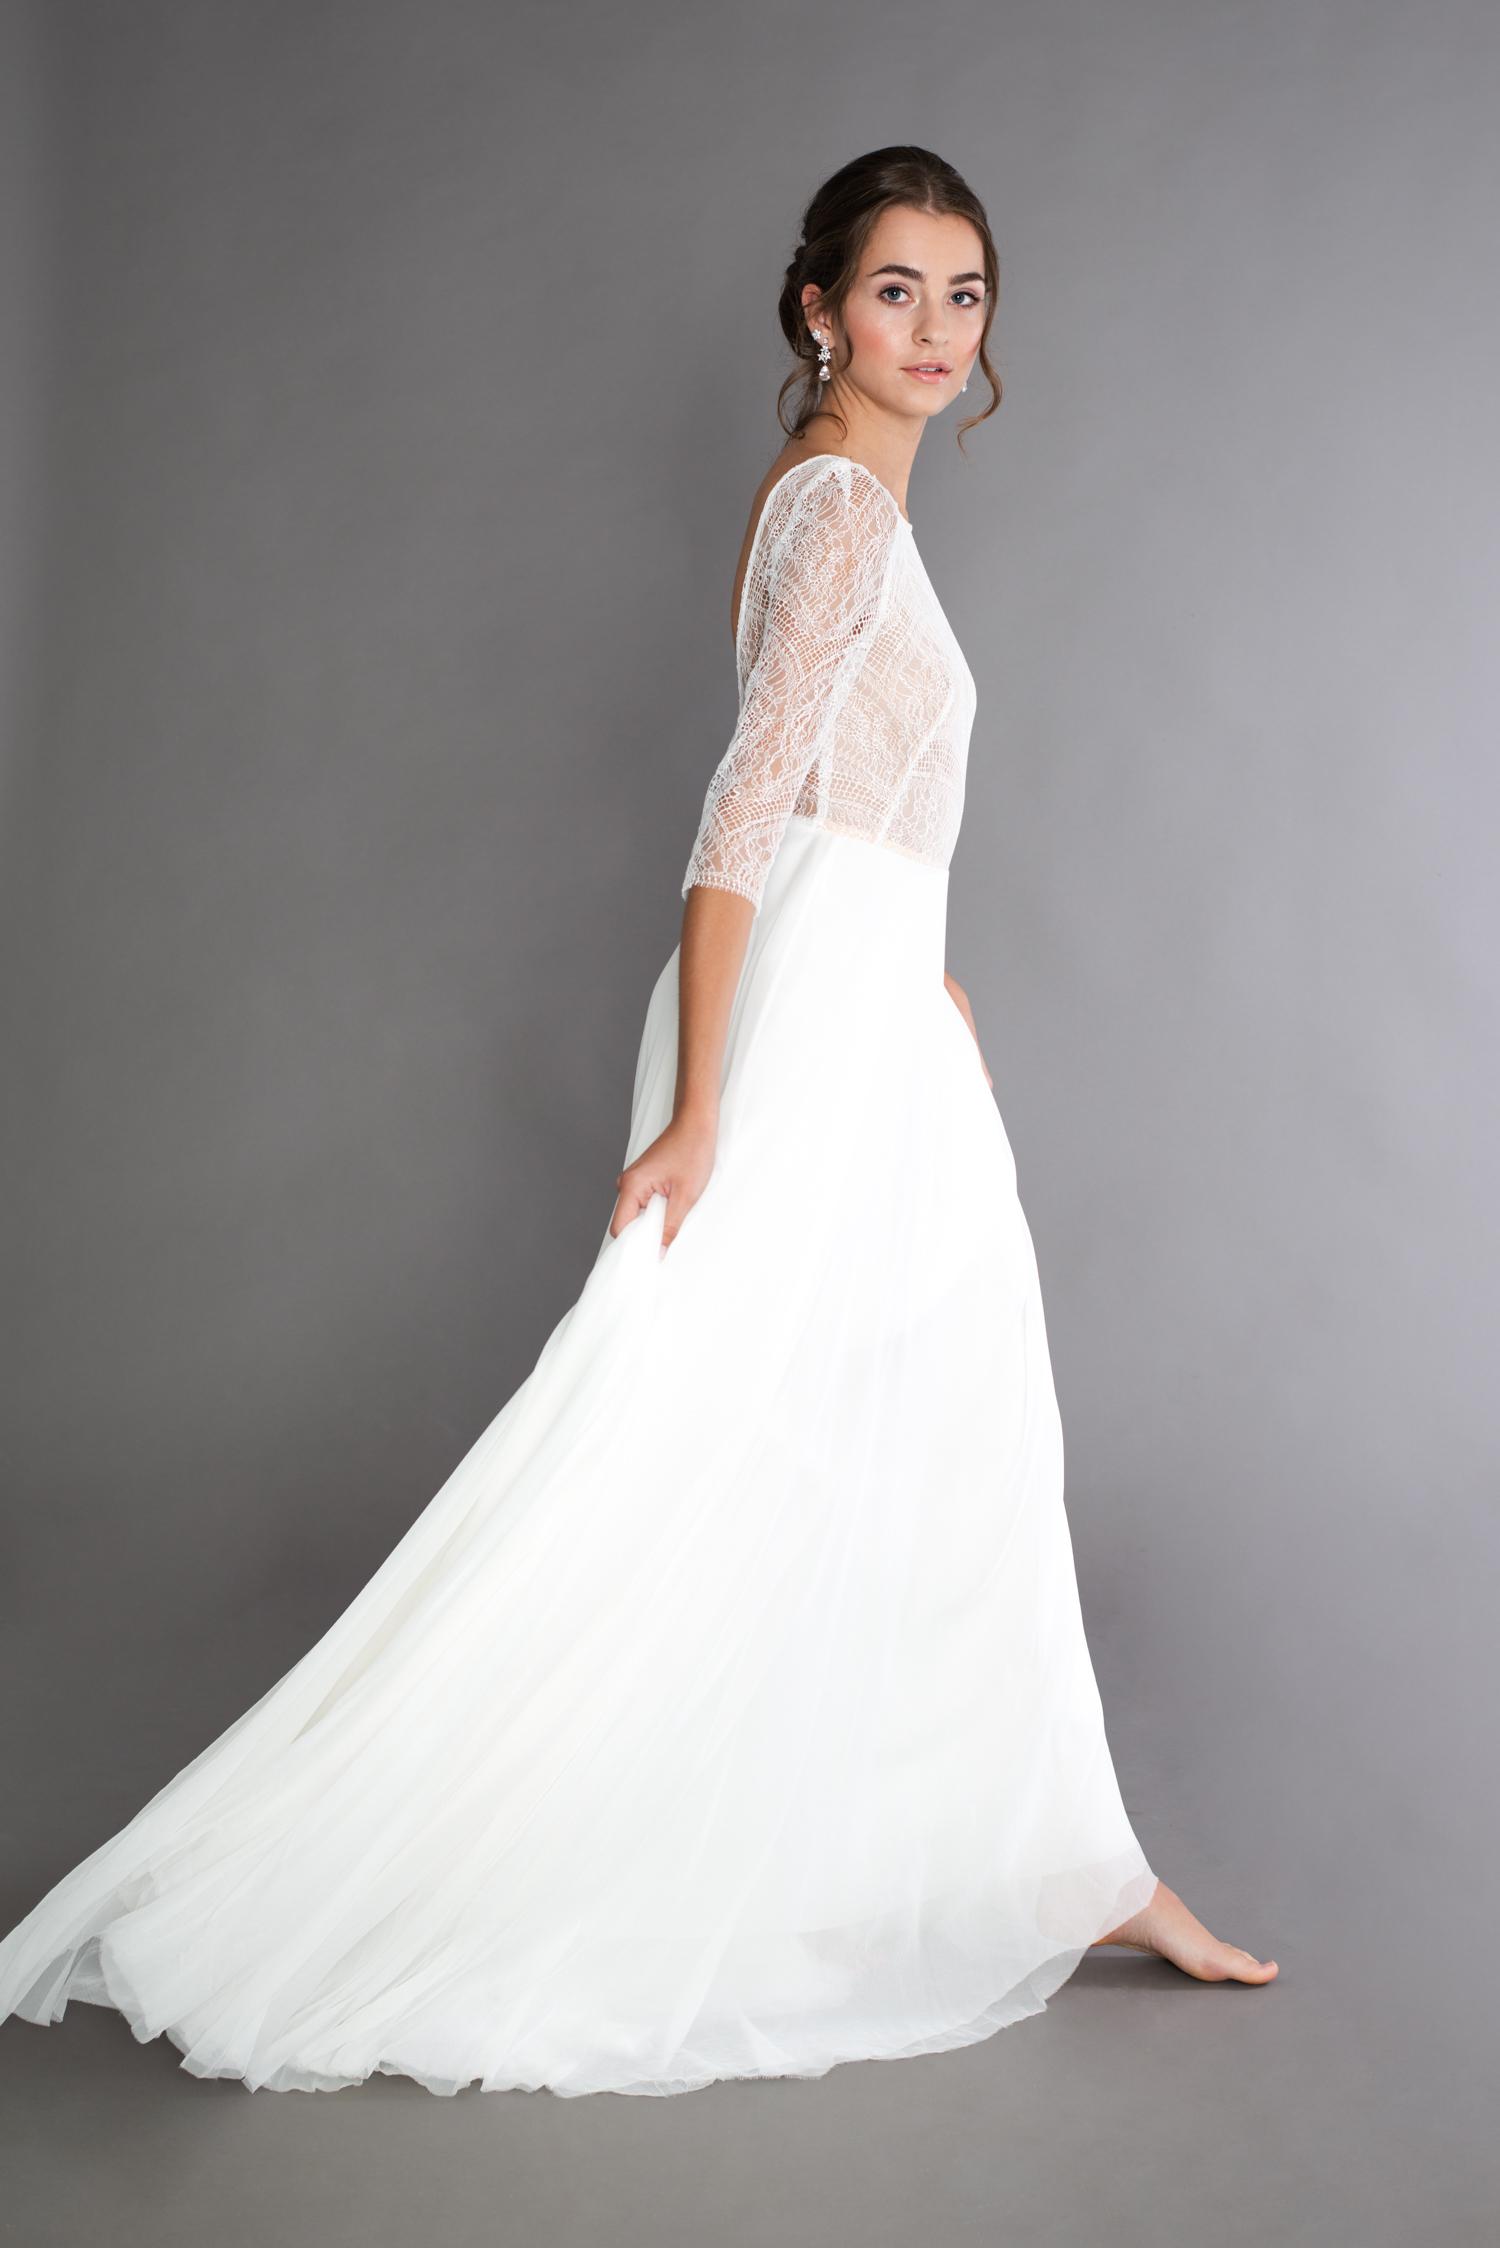 bridal-fashion-photographer-austria-brautmode-fotografin-__sterreich-wien-12 Brautmode Fotografie Linz   Hochzeitsfotograf in Oberösterreich